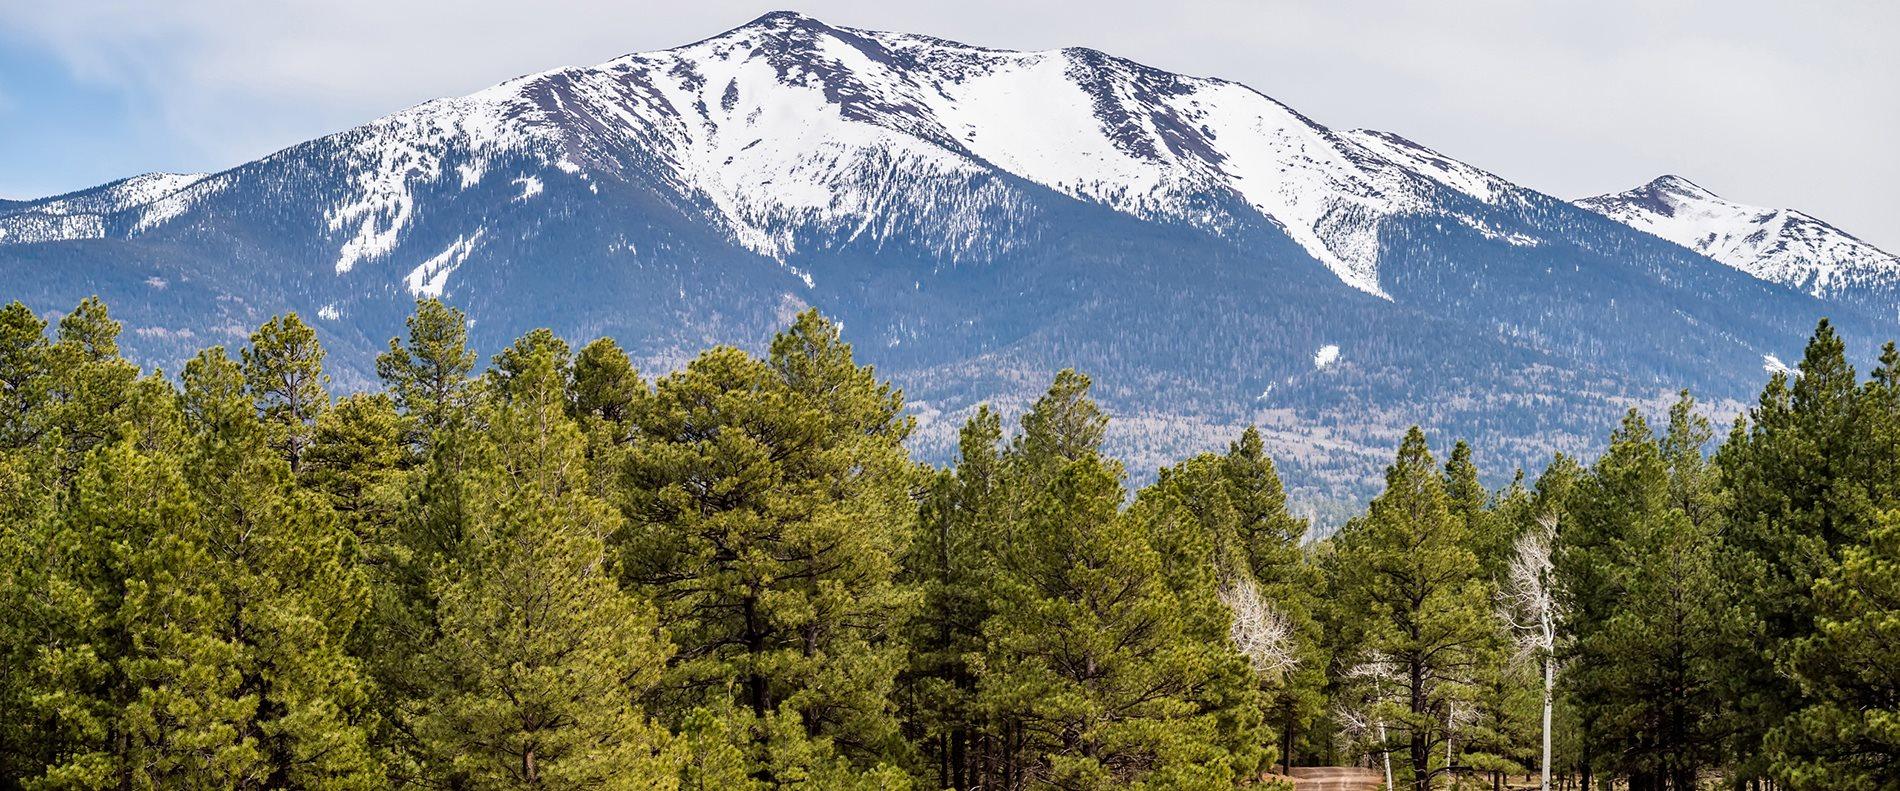 Flagstaff Mountain-1